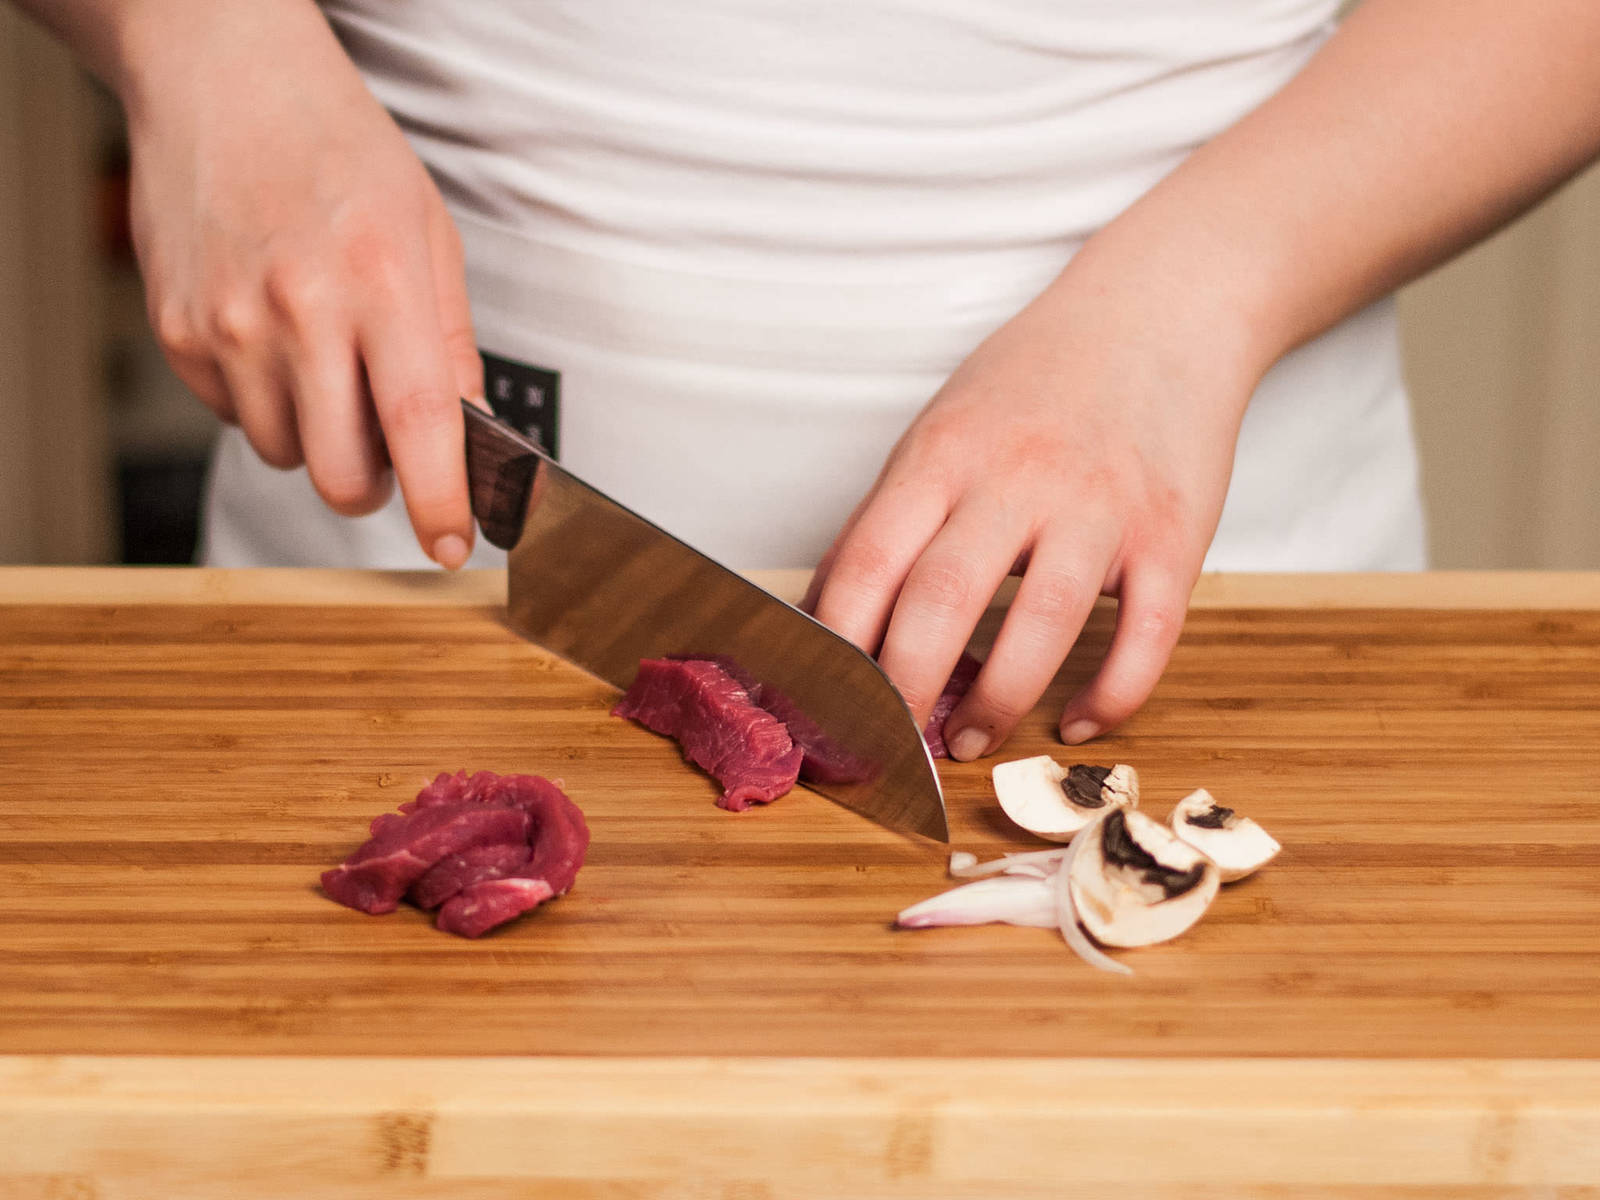 这期间,将洋葱切成薄片。将蘑菇清洗干净,切成四半,牛排切成丝。